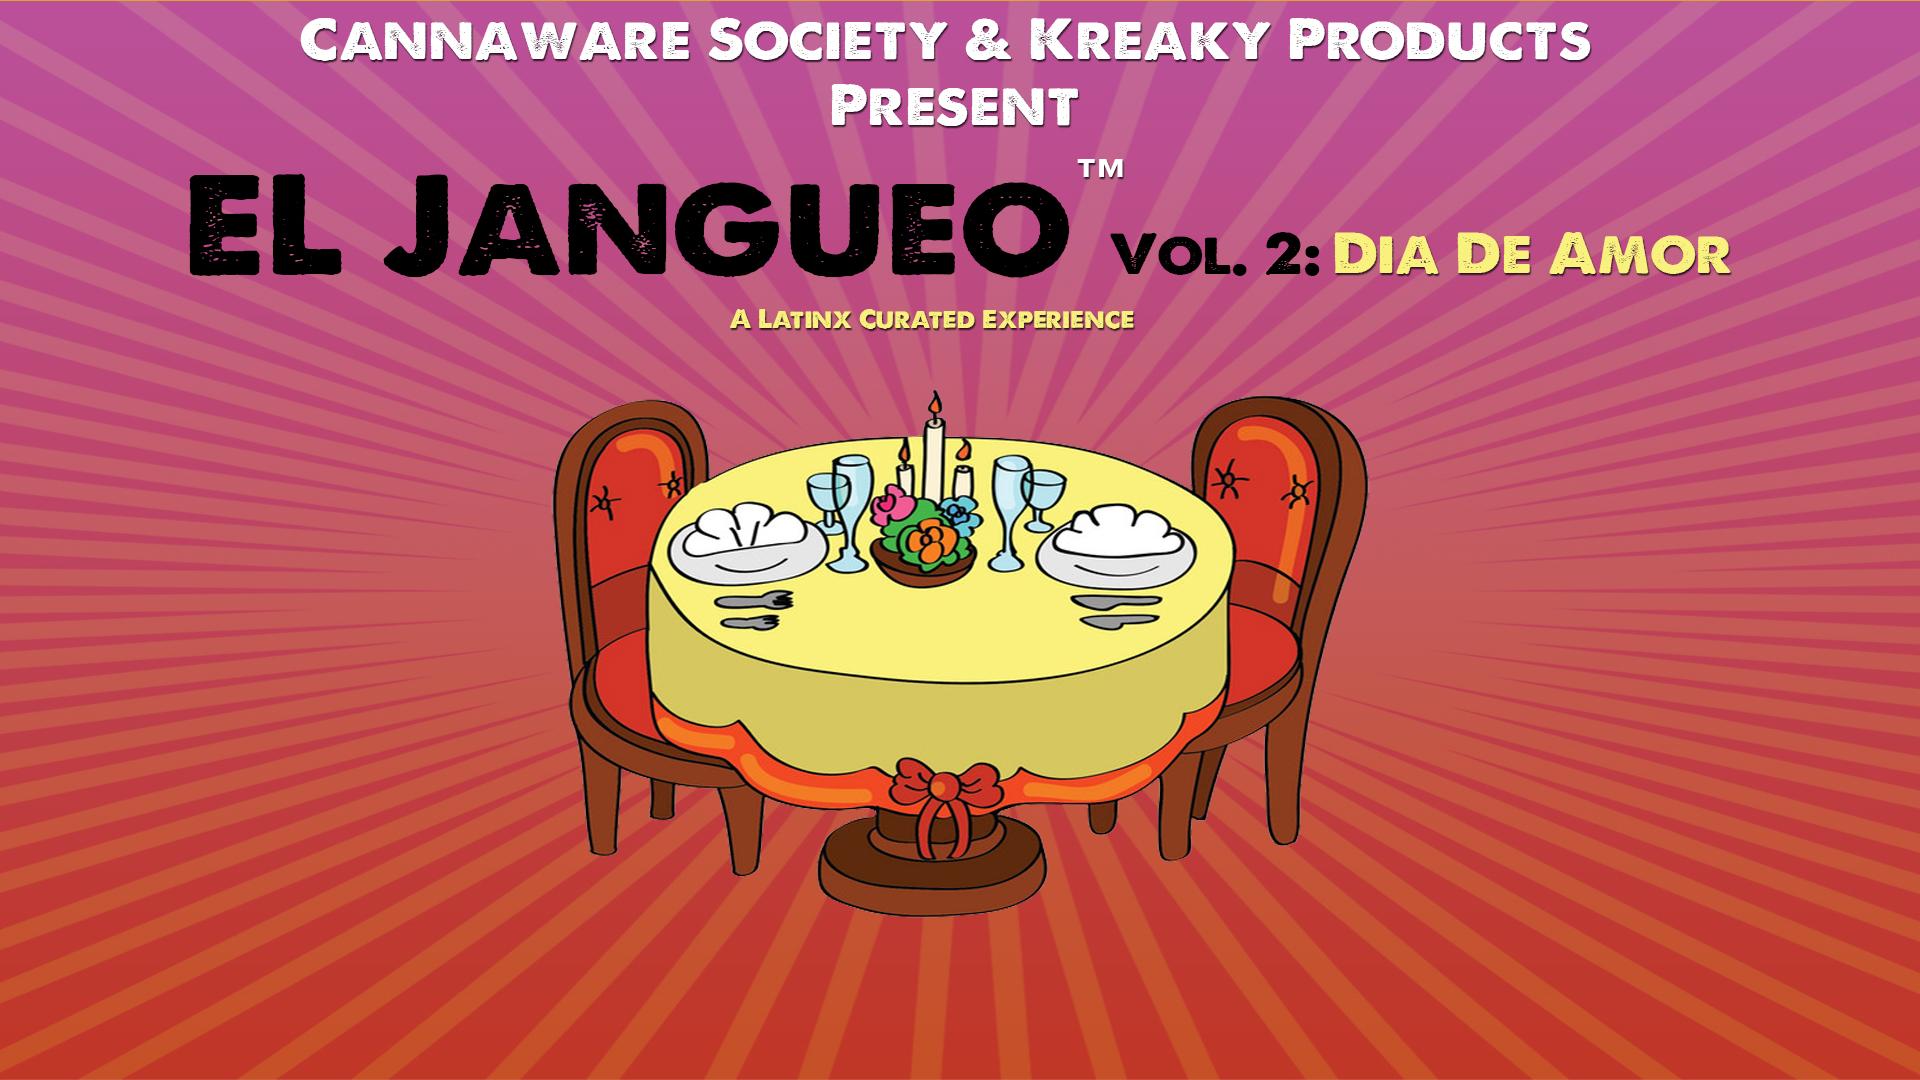 El Jangueo Vol 2 Dia De Amor Recap